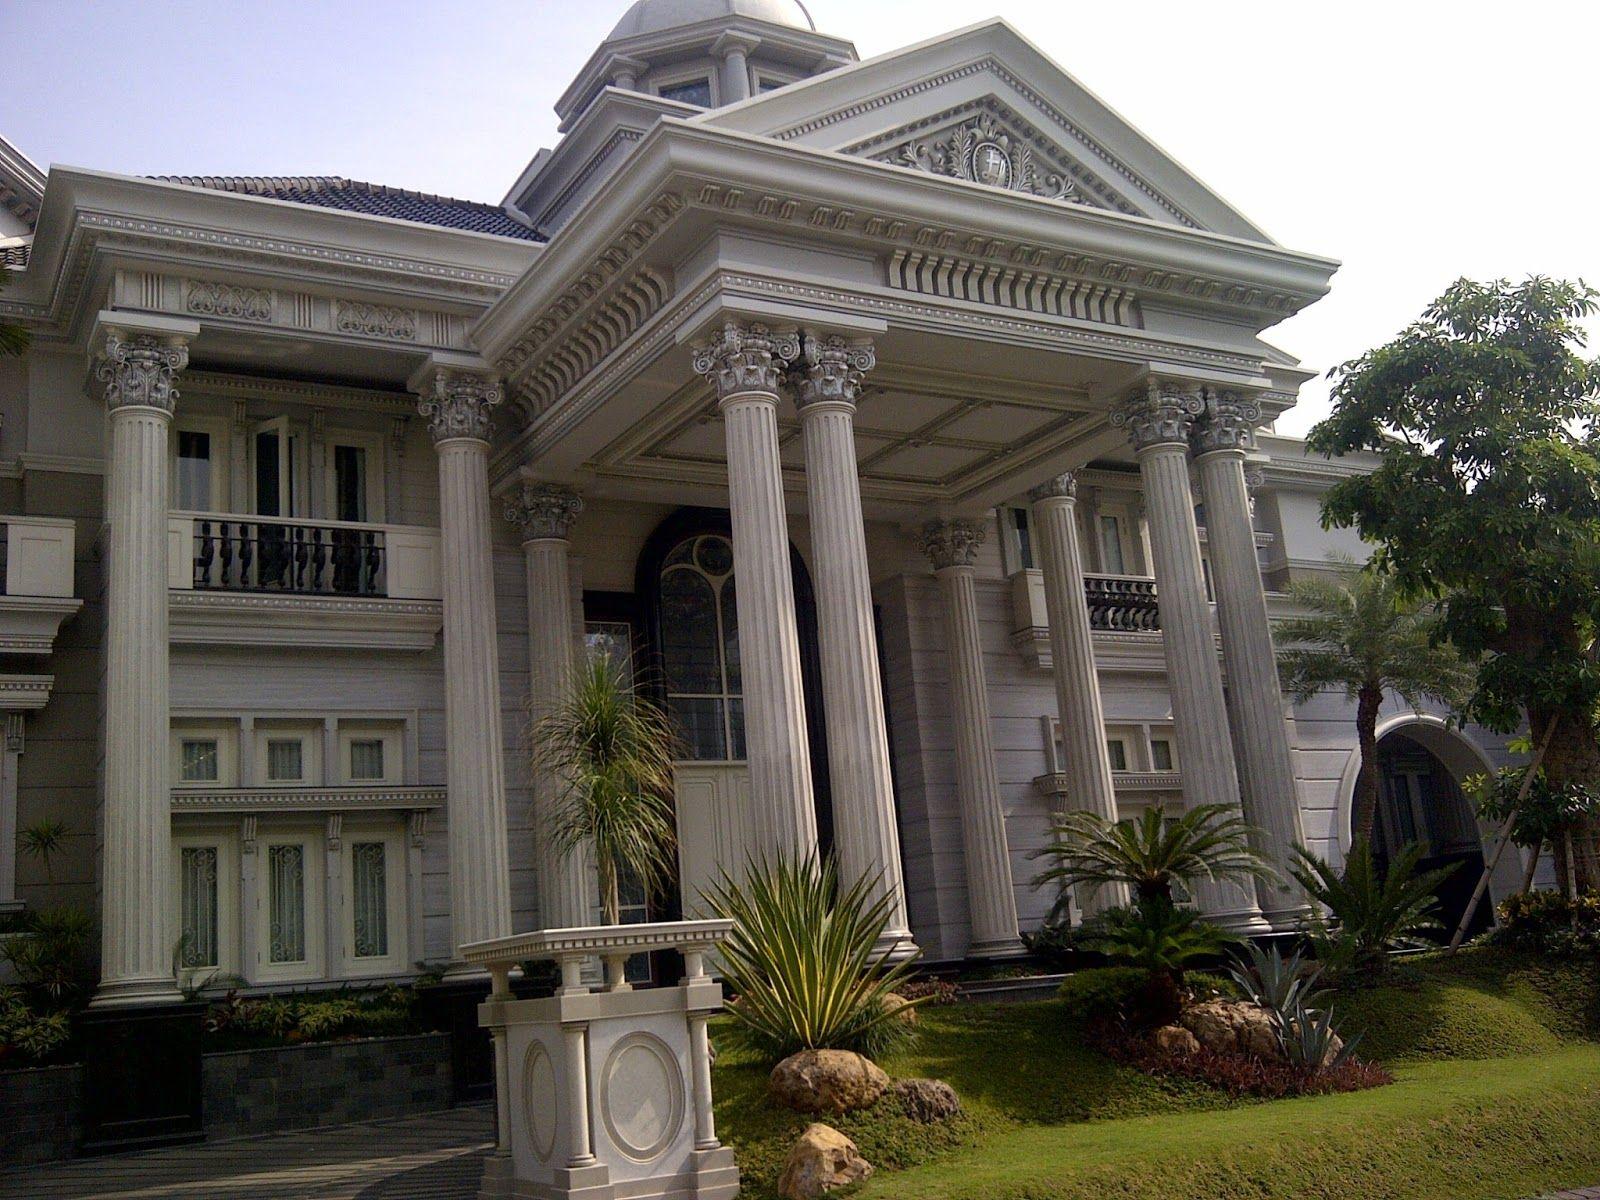 Desain Rumah Klasik Amerika House design, Classic house